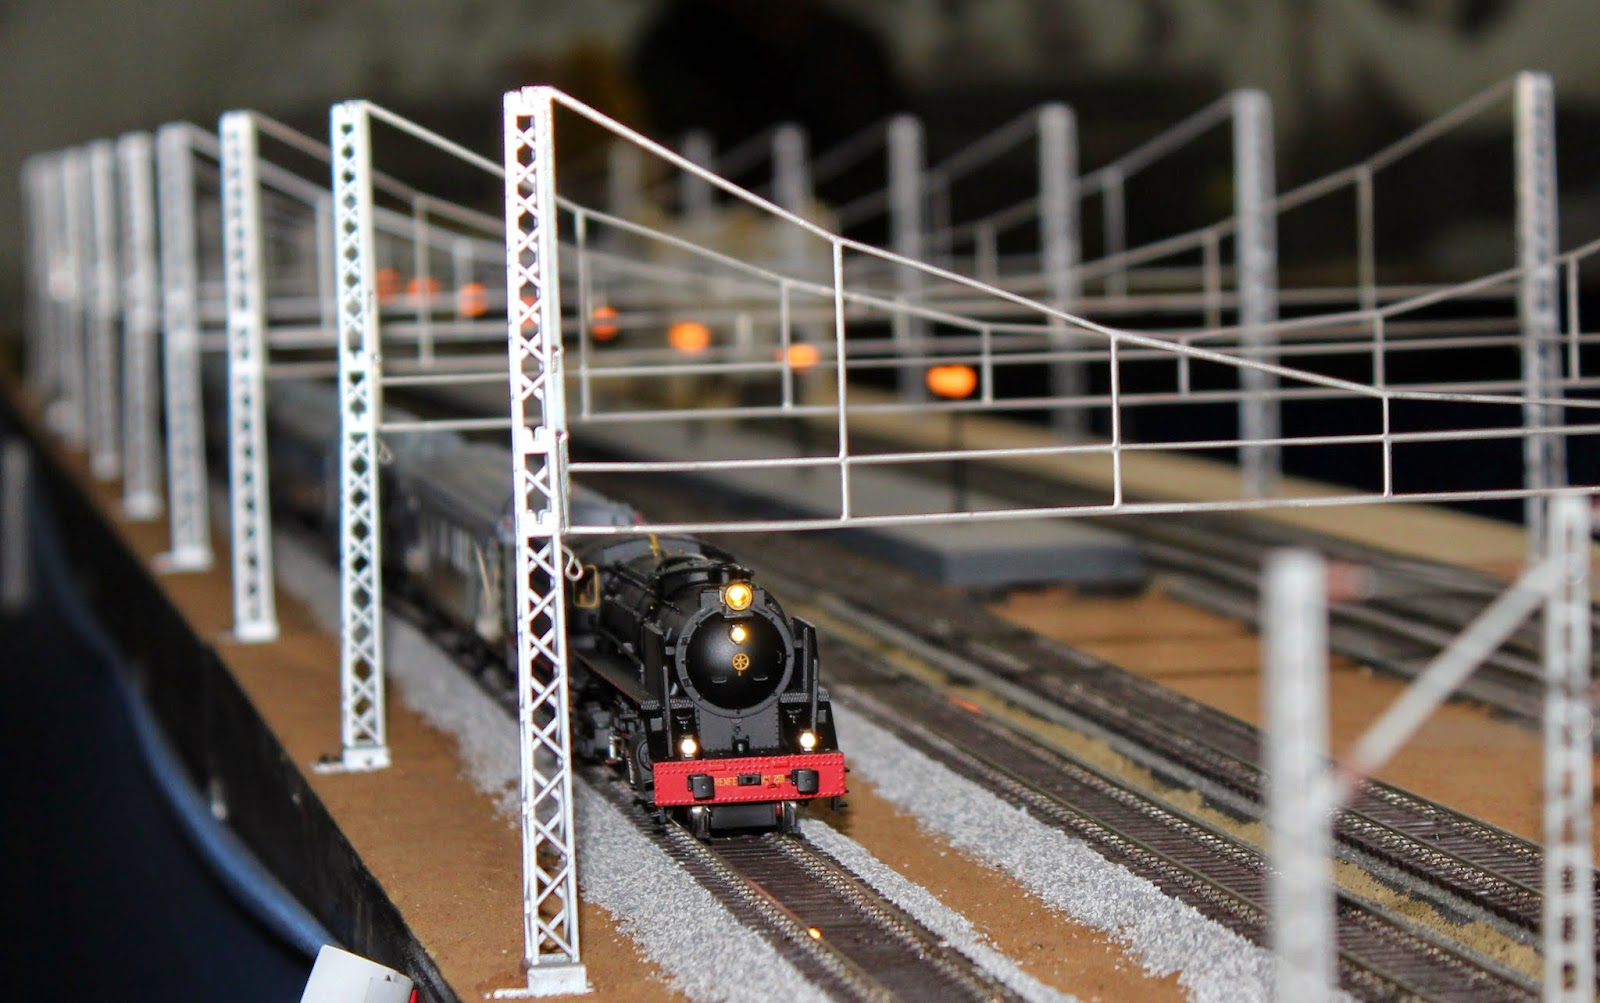 Maquetas de trenes en miniatura. Estación de la Poveda. Arganda del Rey